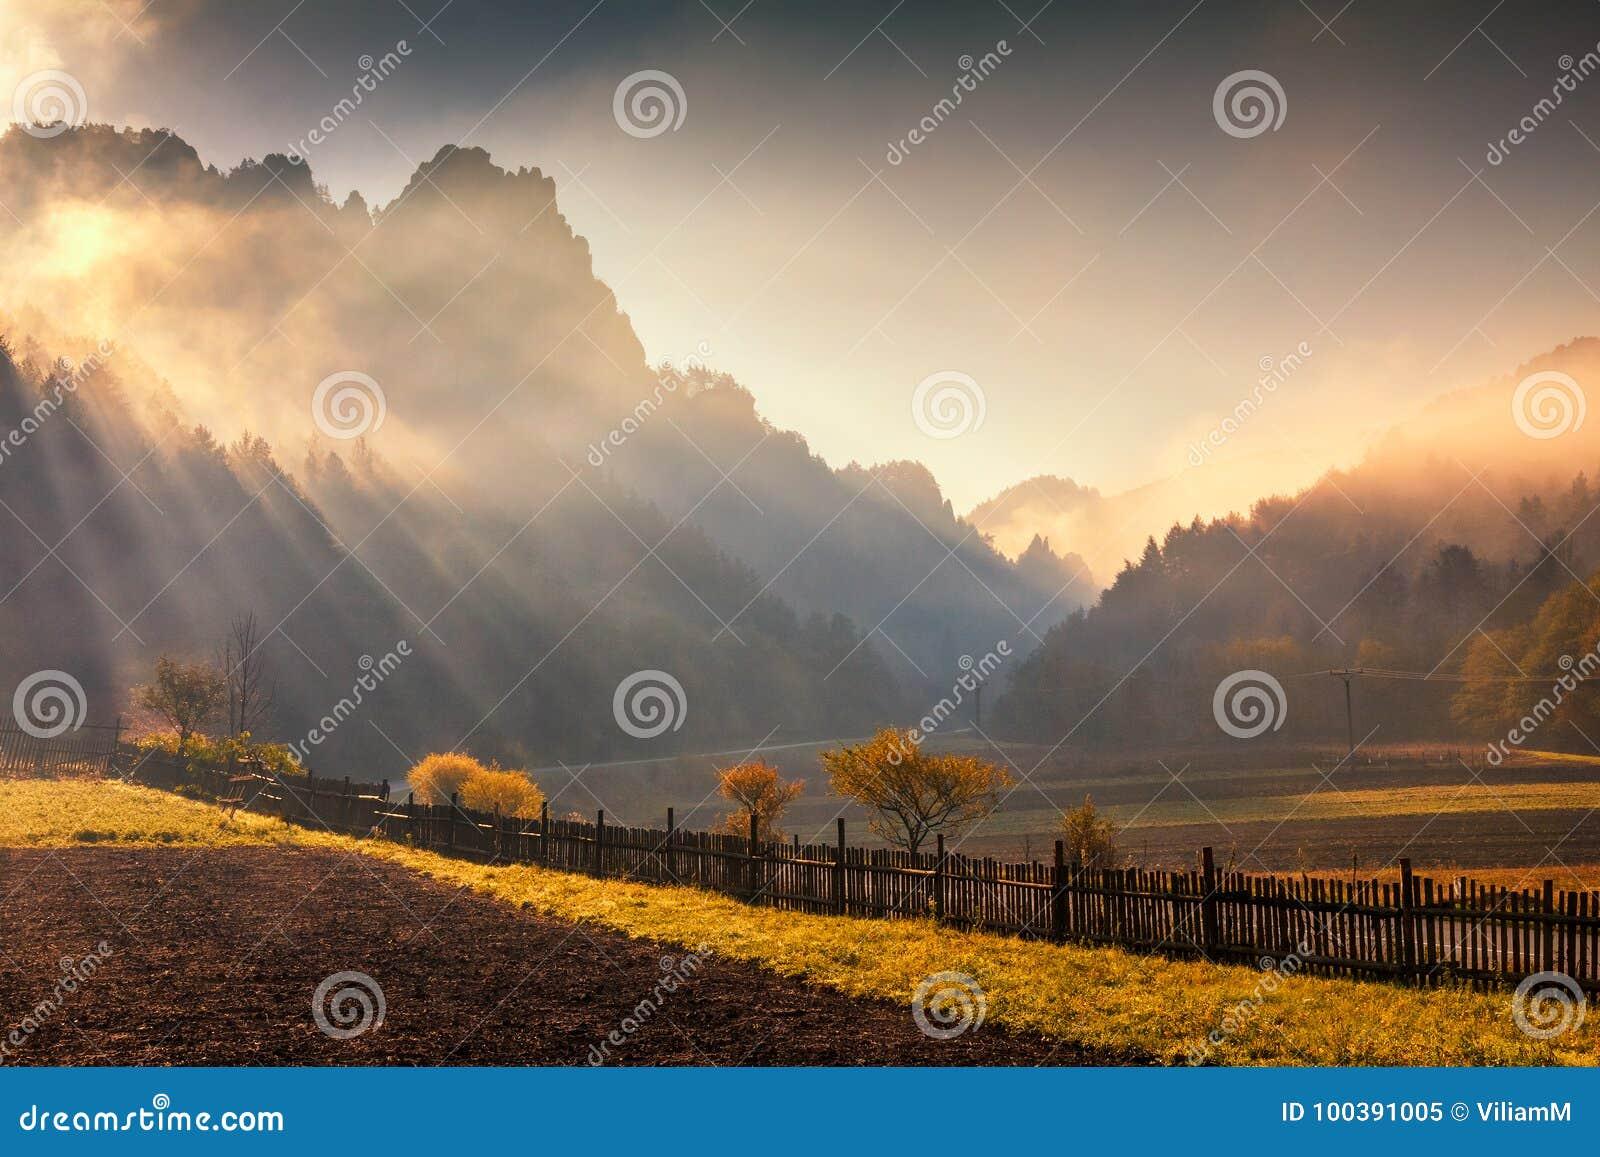 Paysage montagneux dans des couleurs d automne